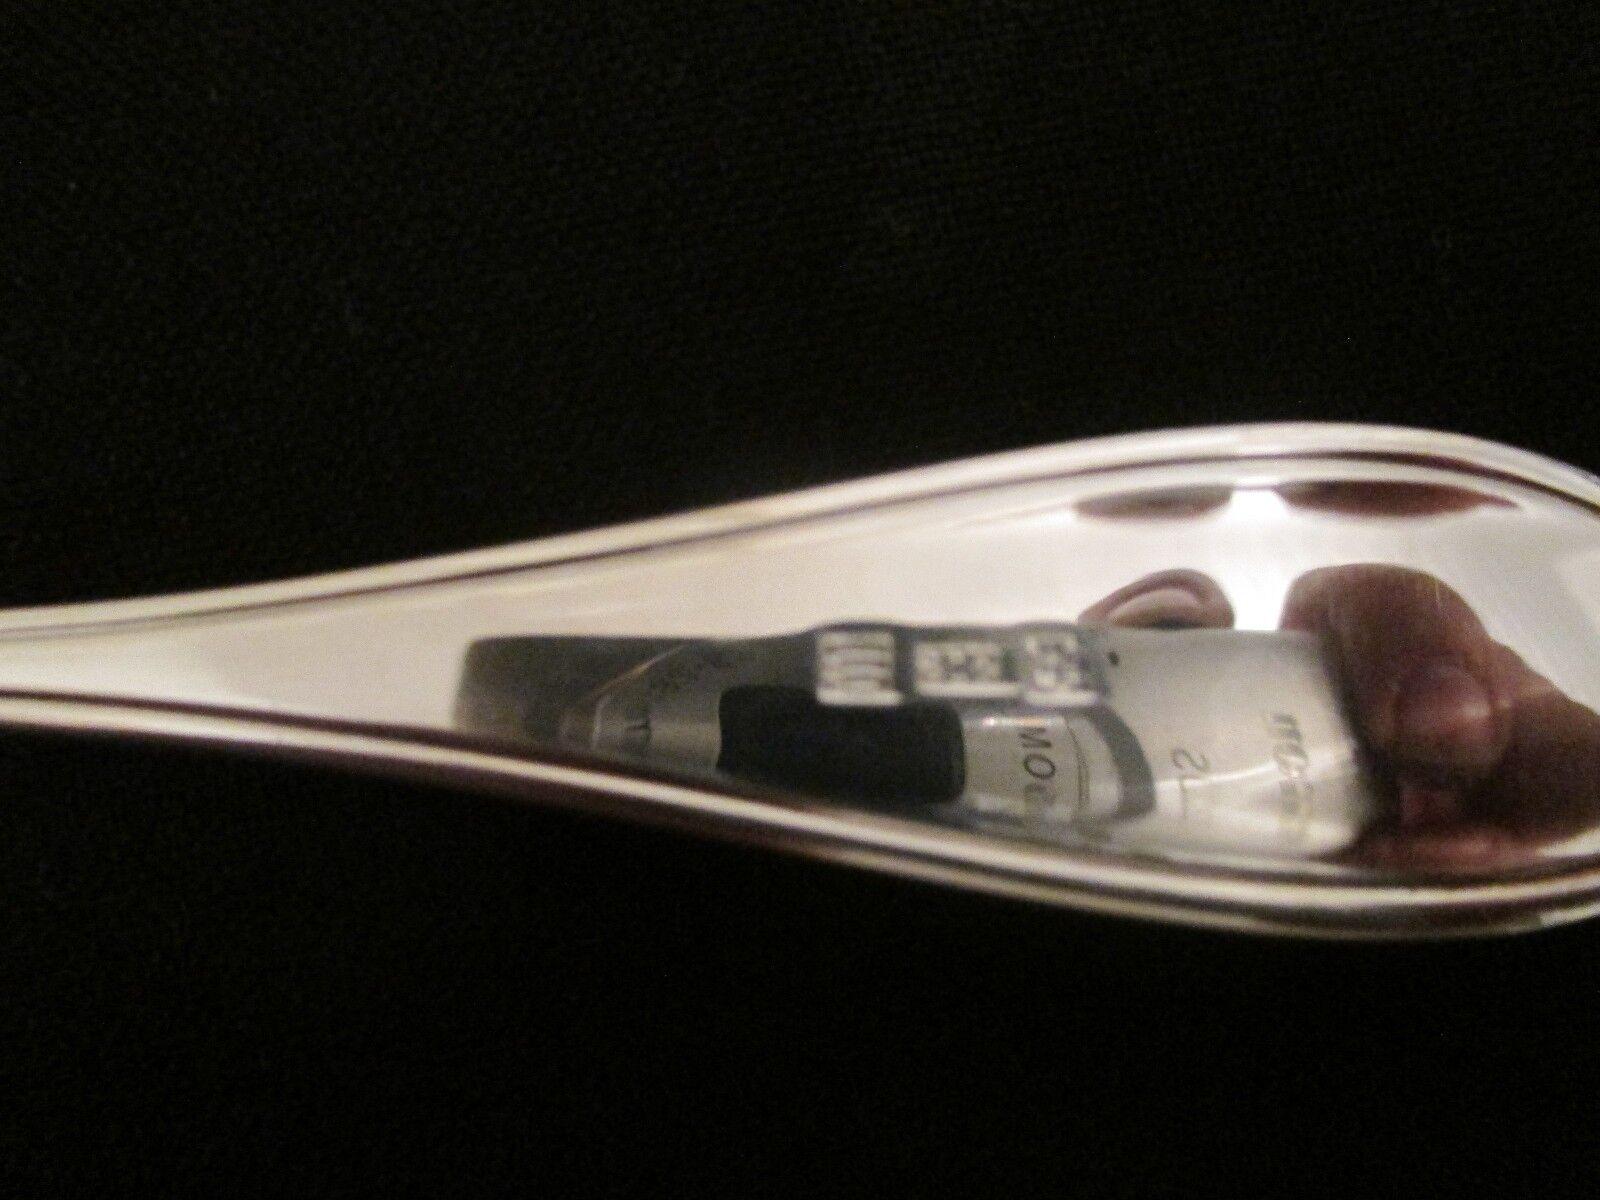 WMF Premiere 6 Kuchengabel Patent 90 90 90 Silber 15,8 cm 6 tlg Note 1-2 Gabel wIe NEU | In hohem Grade geschätzt und weit vertrautes herein und heraus  d8c285